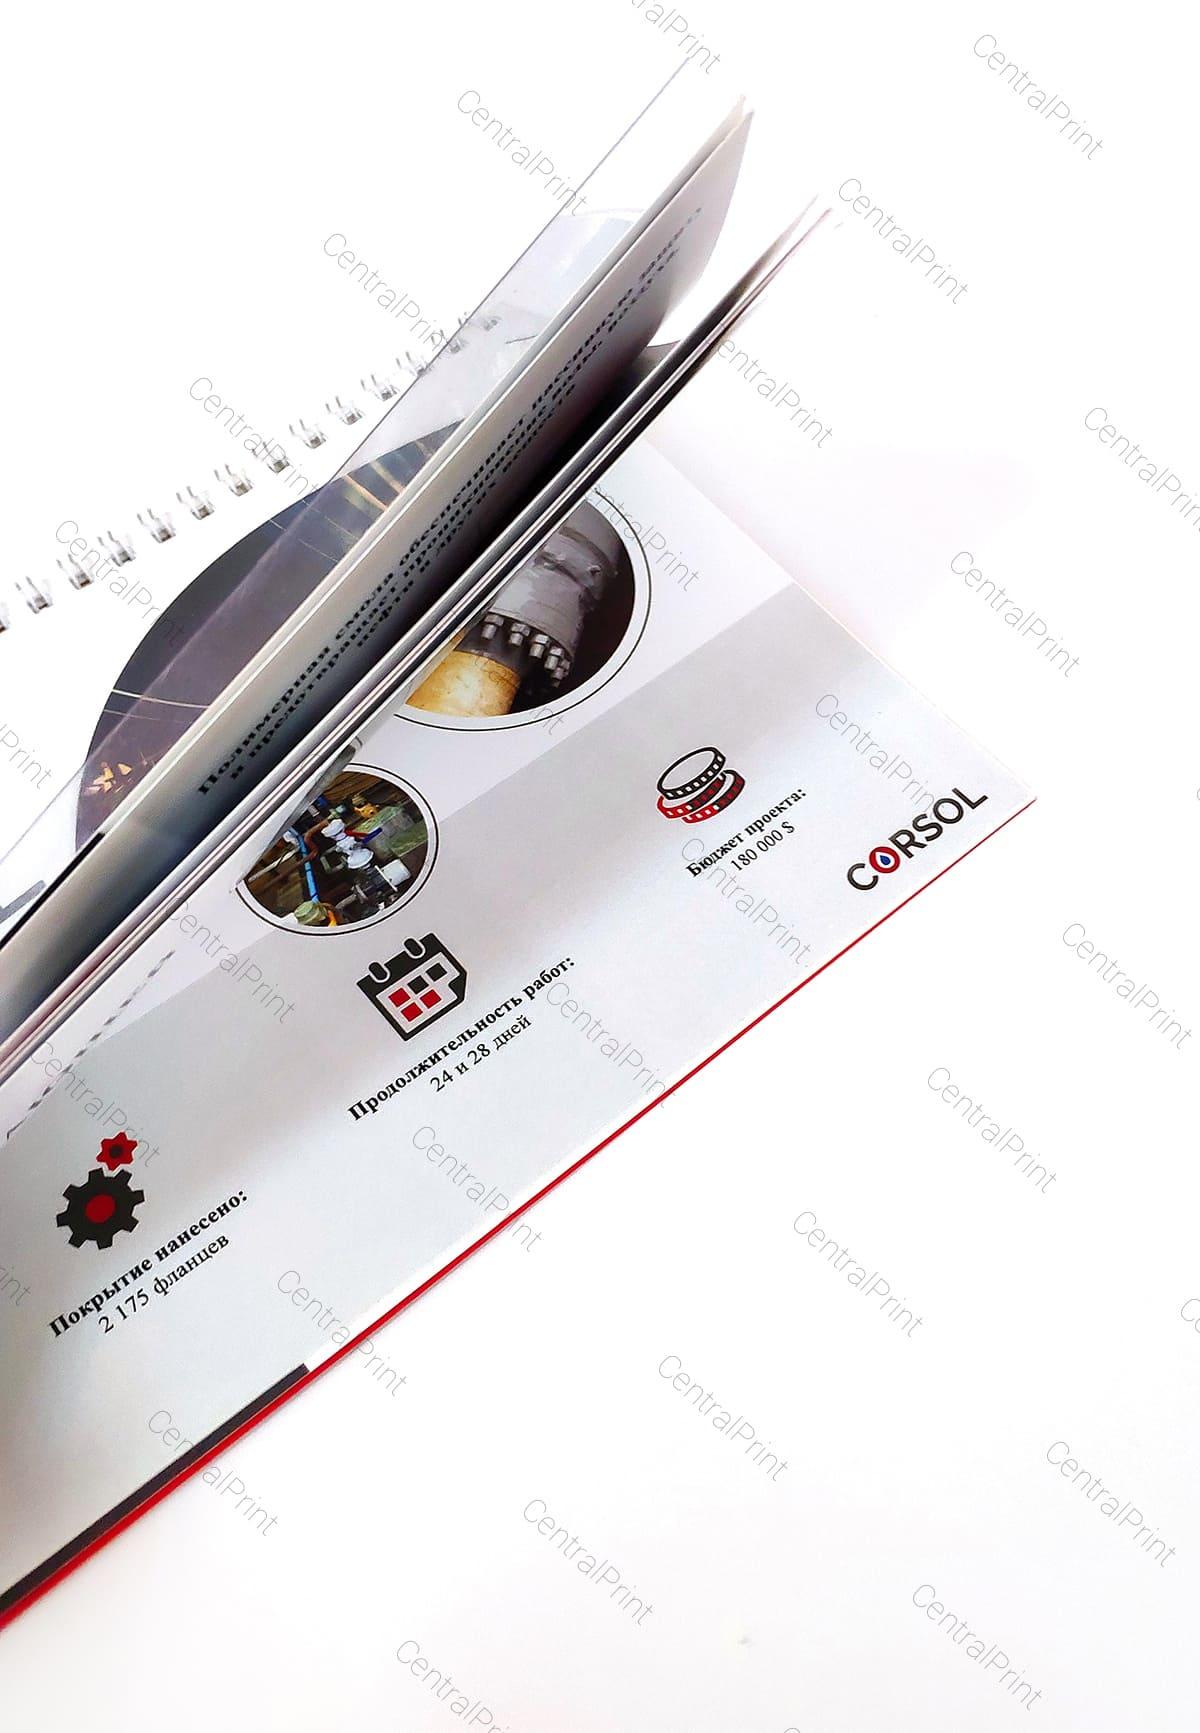 реклама продукции в виде презентации